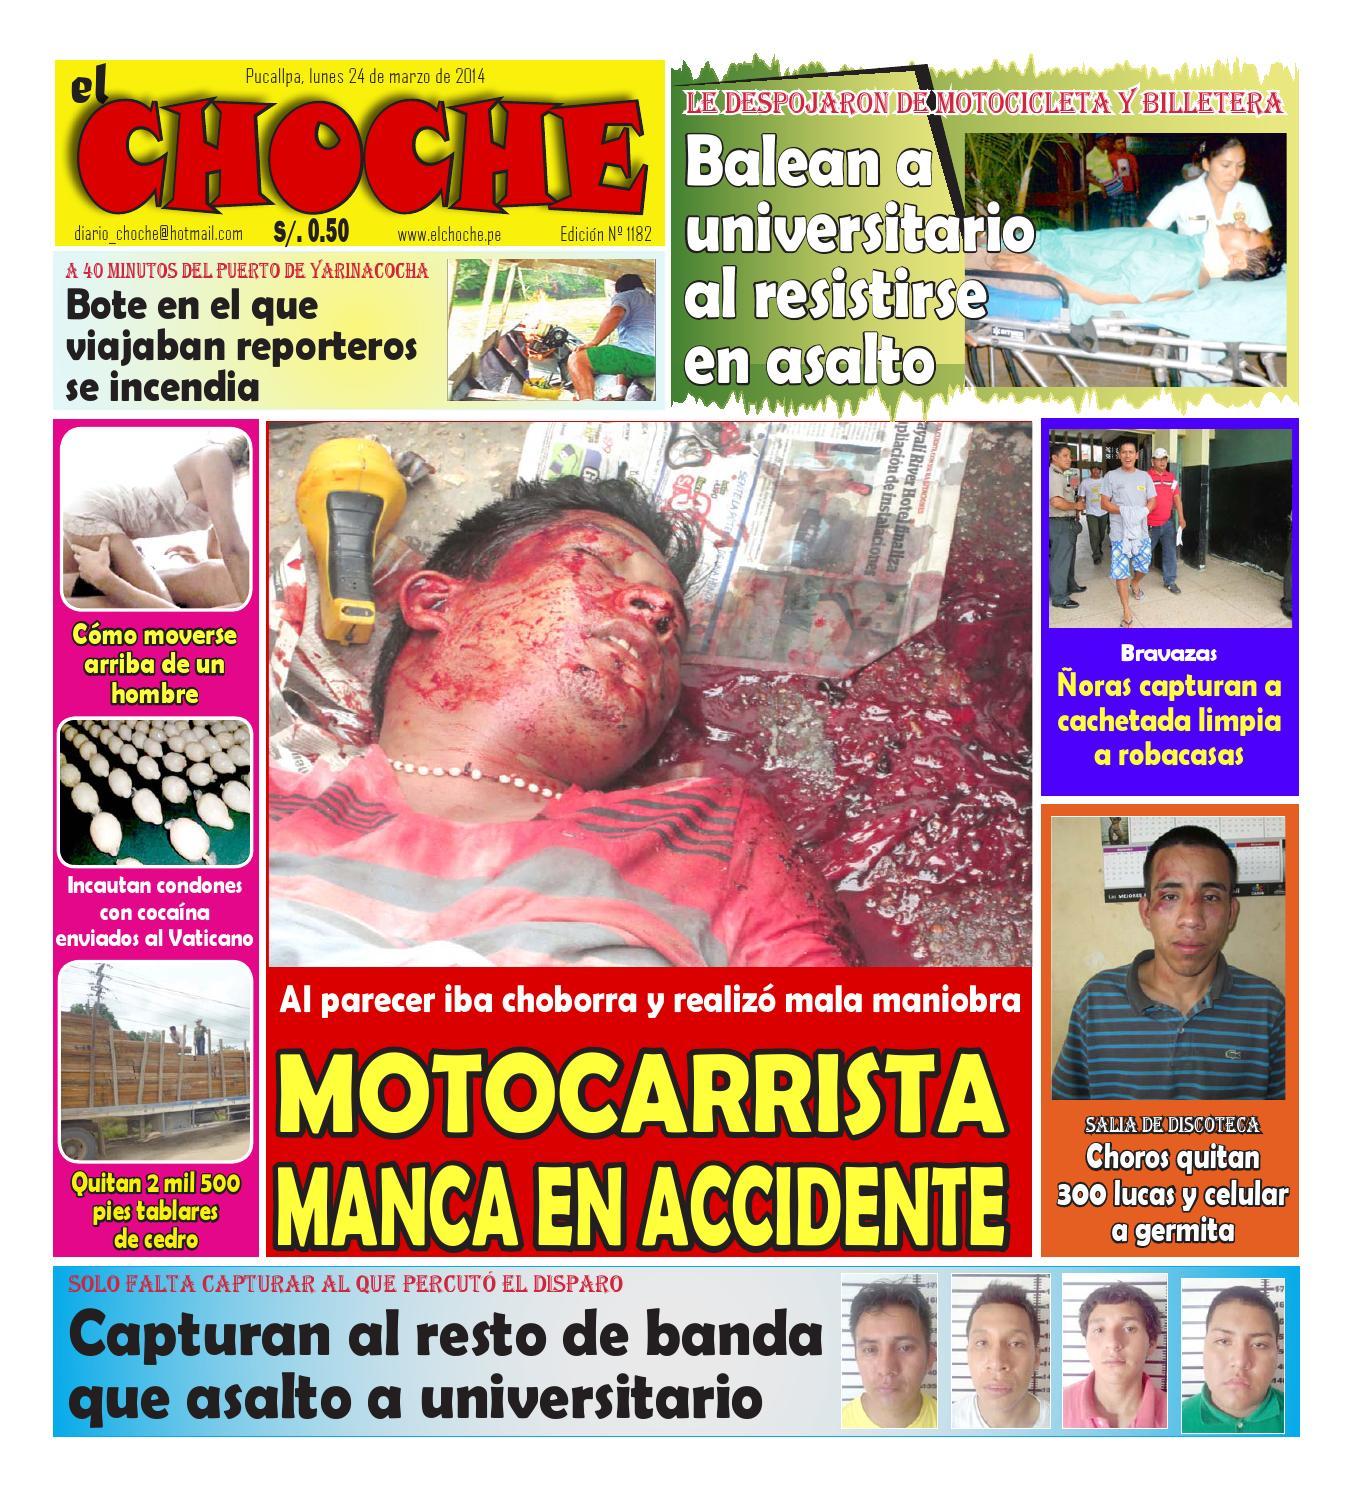 Diario de la motocicleta online dating 9